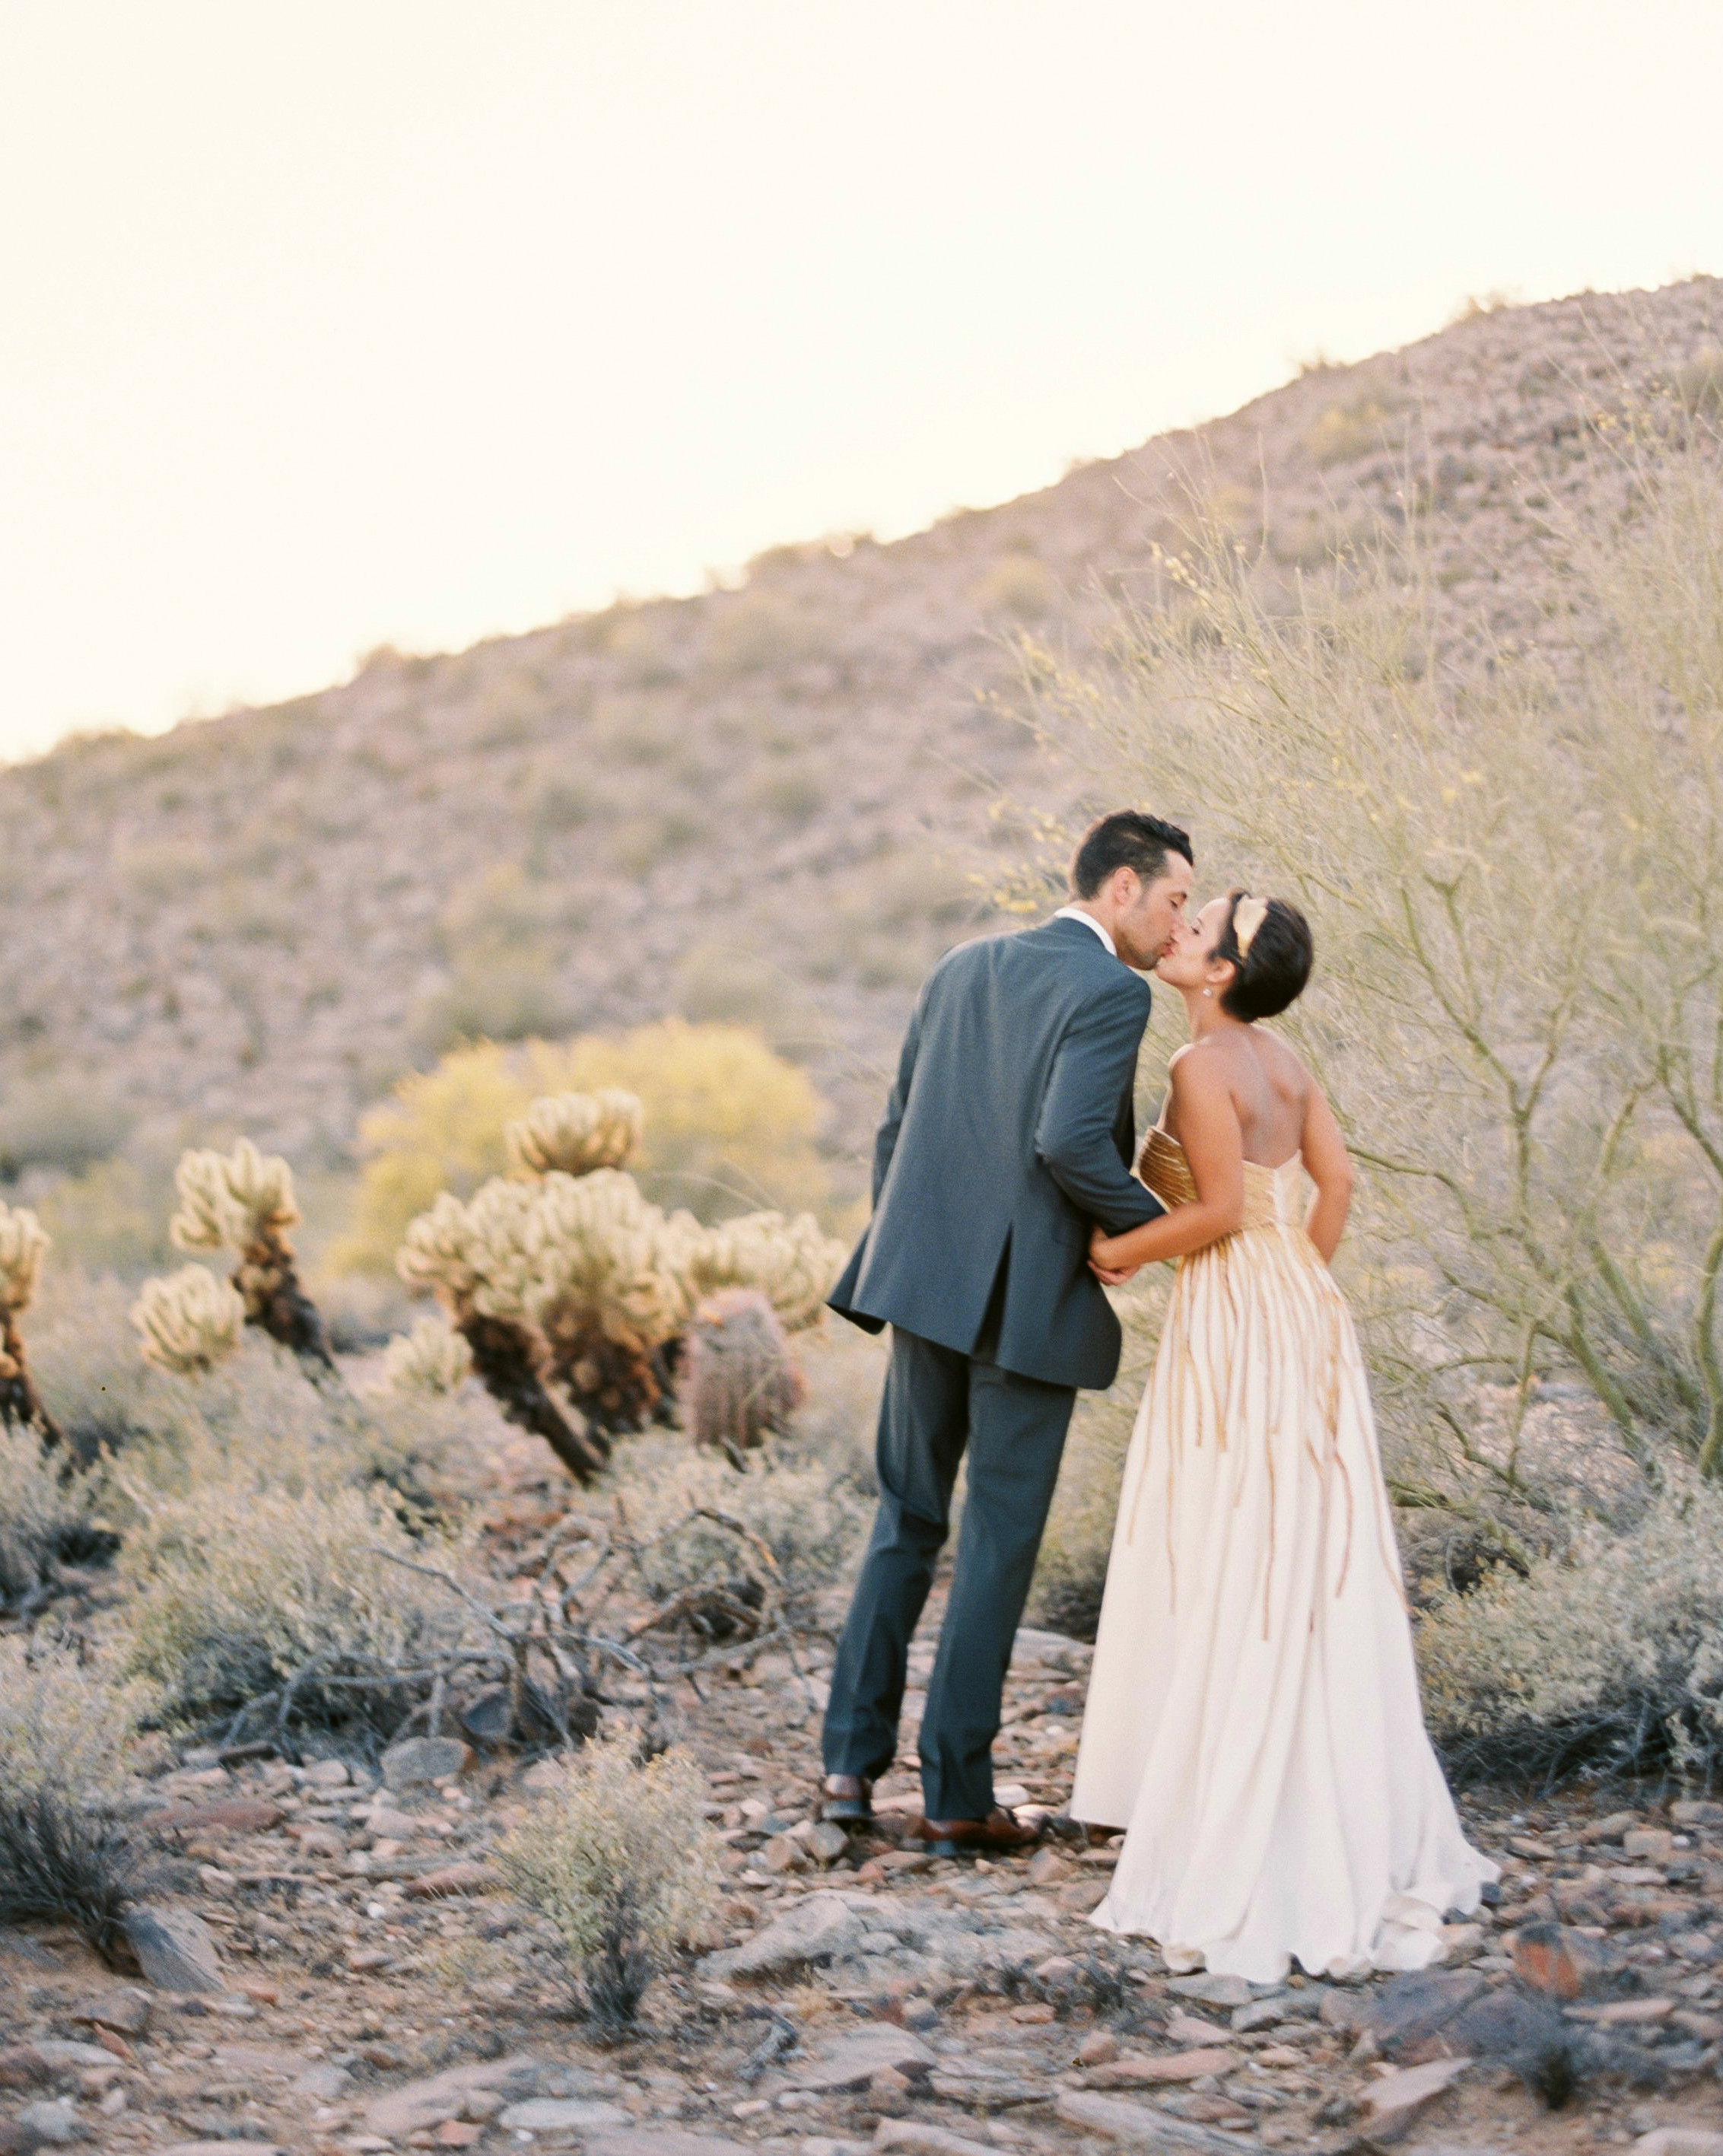 jessejo-daniel-wedding-couple-380-s112302-1015.jpg